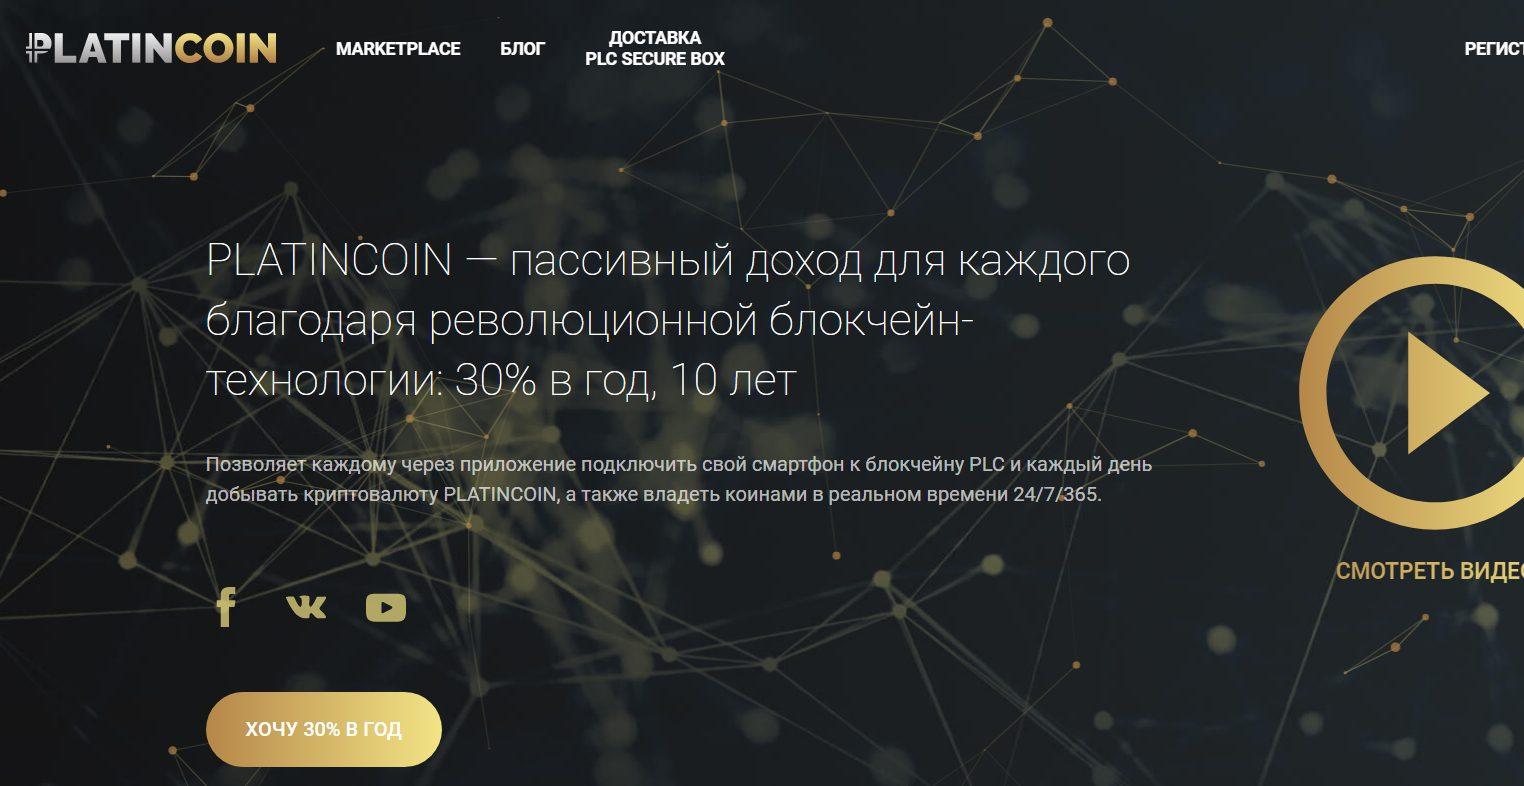 Сайт проекта Платинкоин